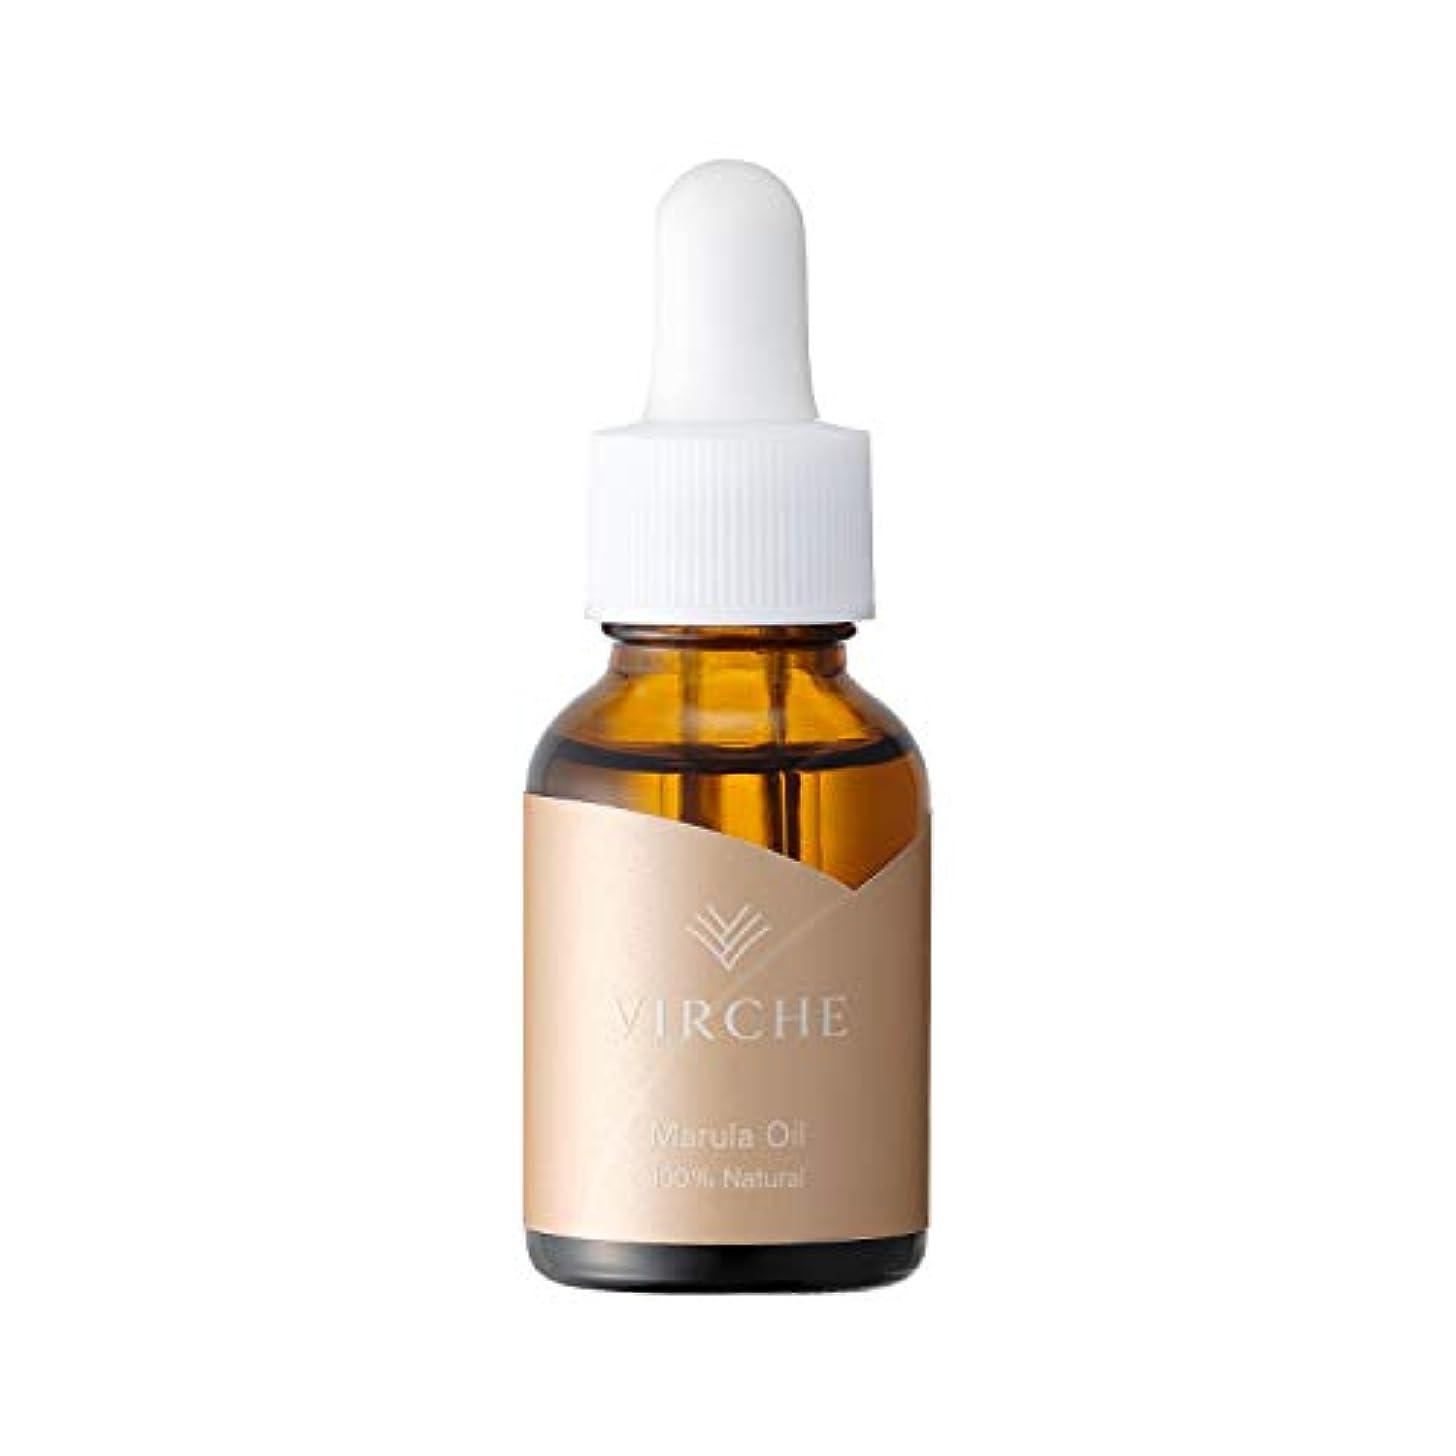 ギャザー繰り返した引退したマルラオイル(Marula Oil)国内で品質管理/無香料/防腐剤、香料、着色料すべて無添加の美容オイル/18ml(髪など全身に使えて約30日分)